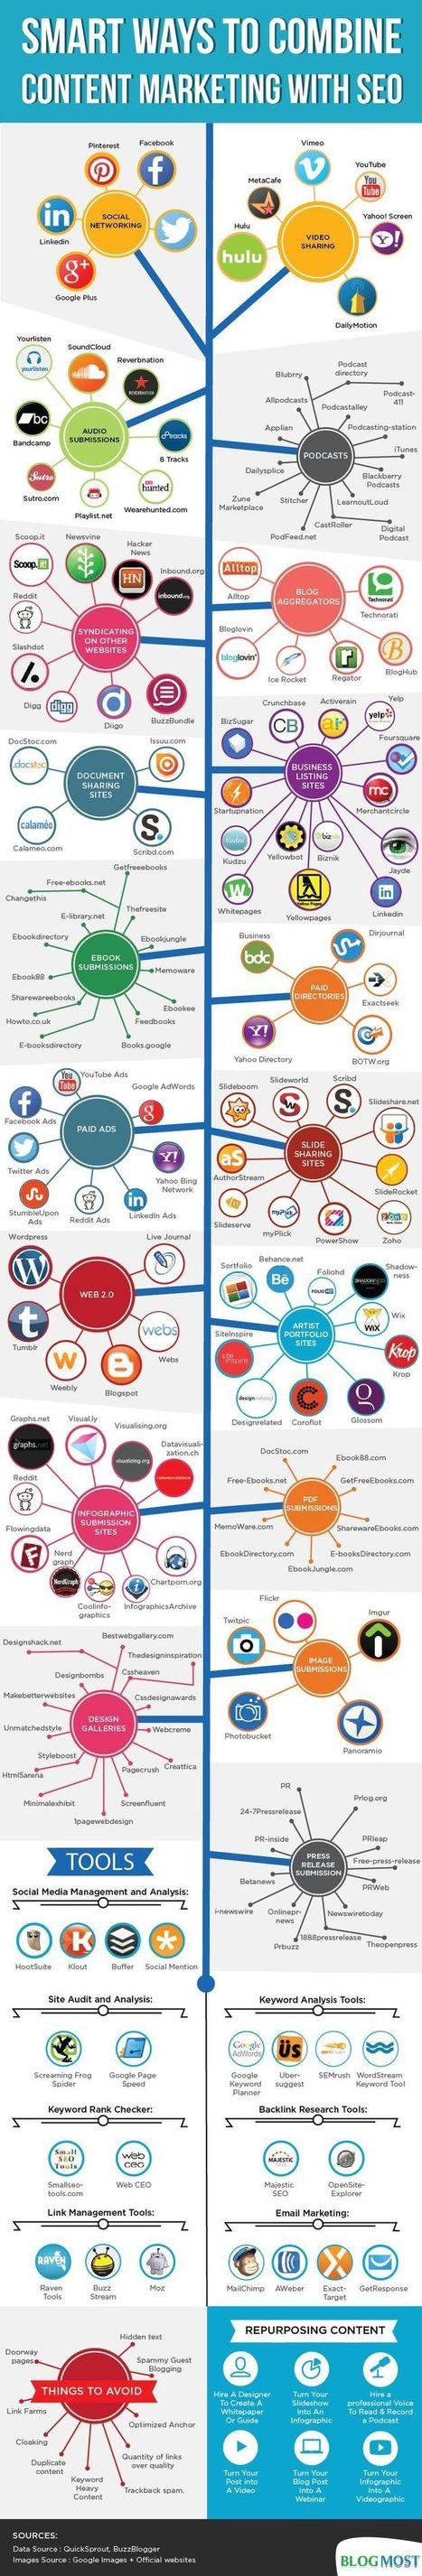 Herrmamientas para combinar seo y marketing de contenidos | infografiando | Scoop.it